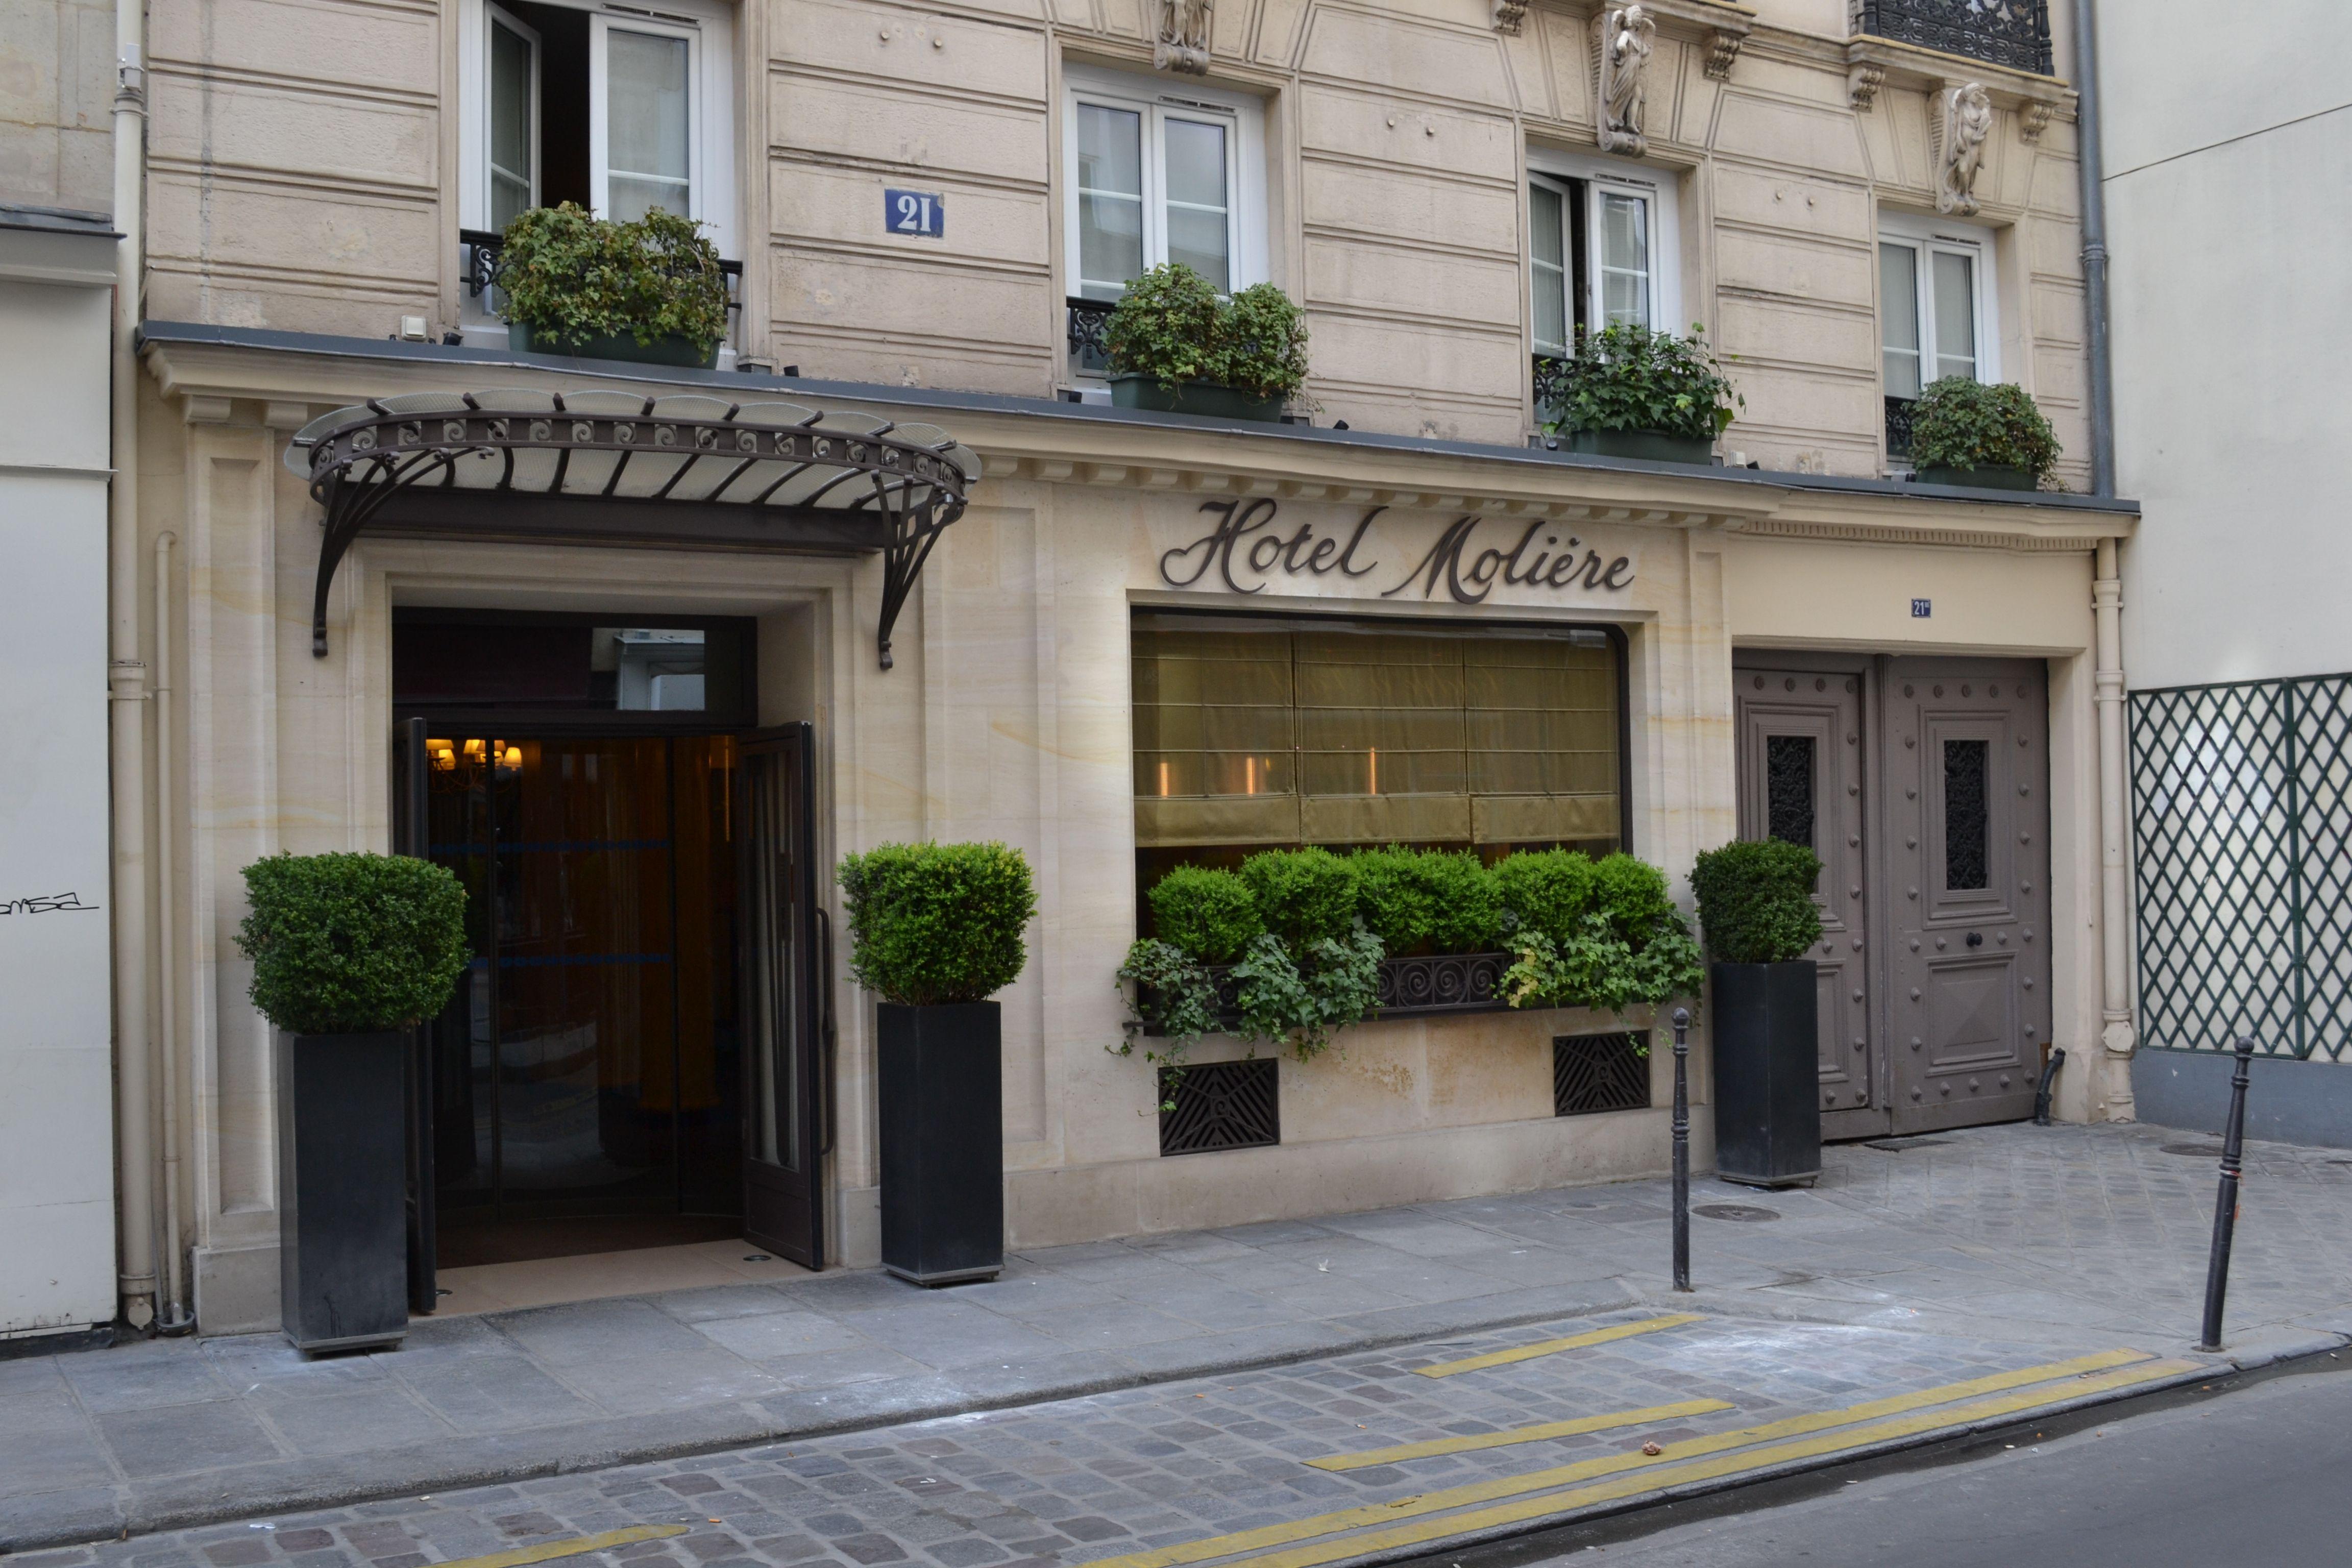 Hotel Moliere Paris A Gem of a Hotel in Paris